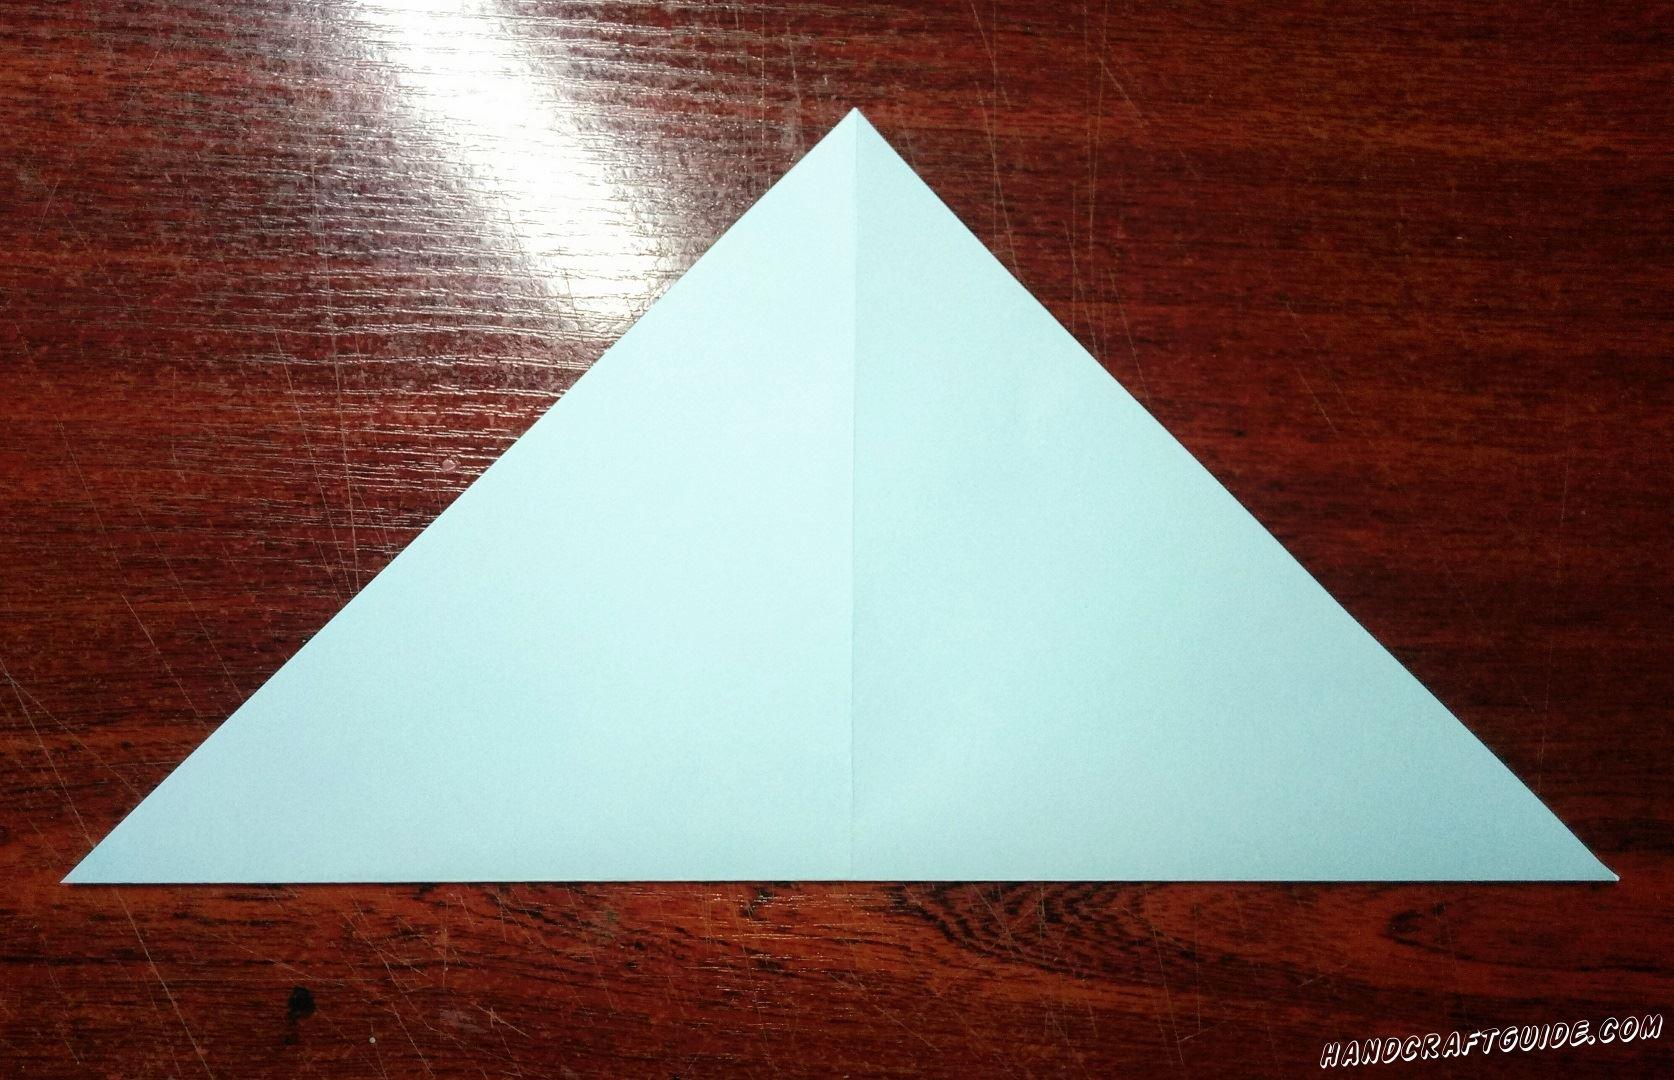 Берем квадратный, светло-голубой листочек бумаги и складываем его пополам в треугольник